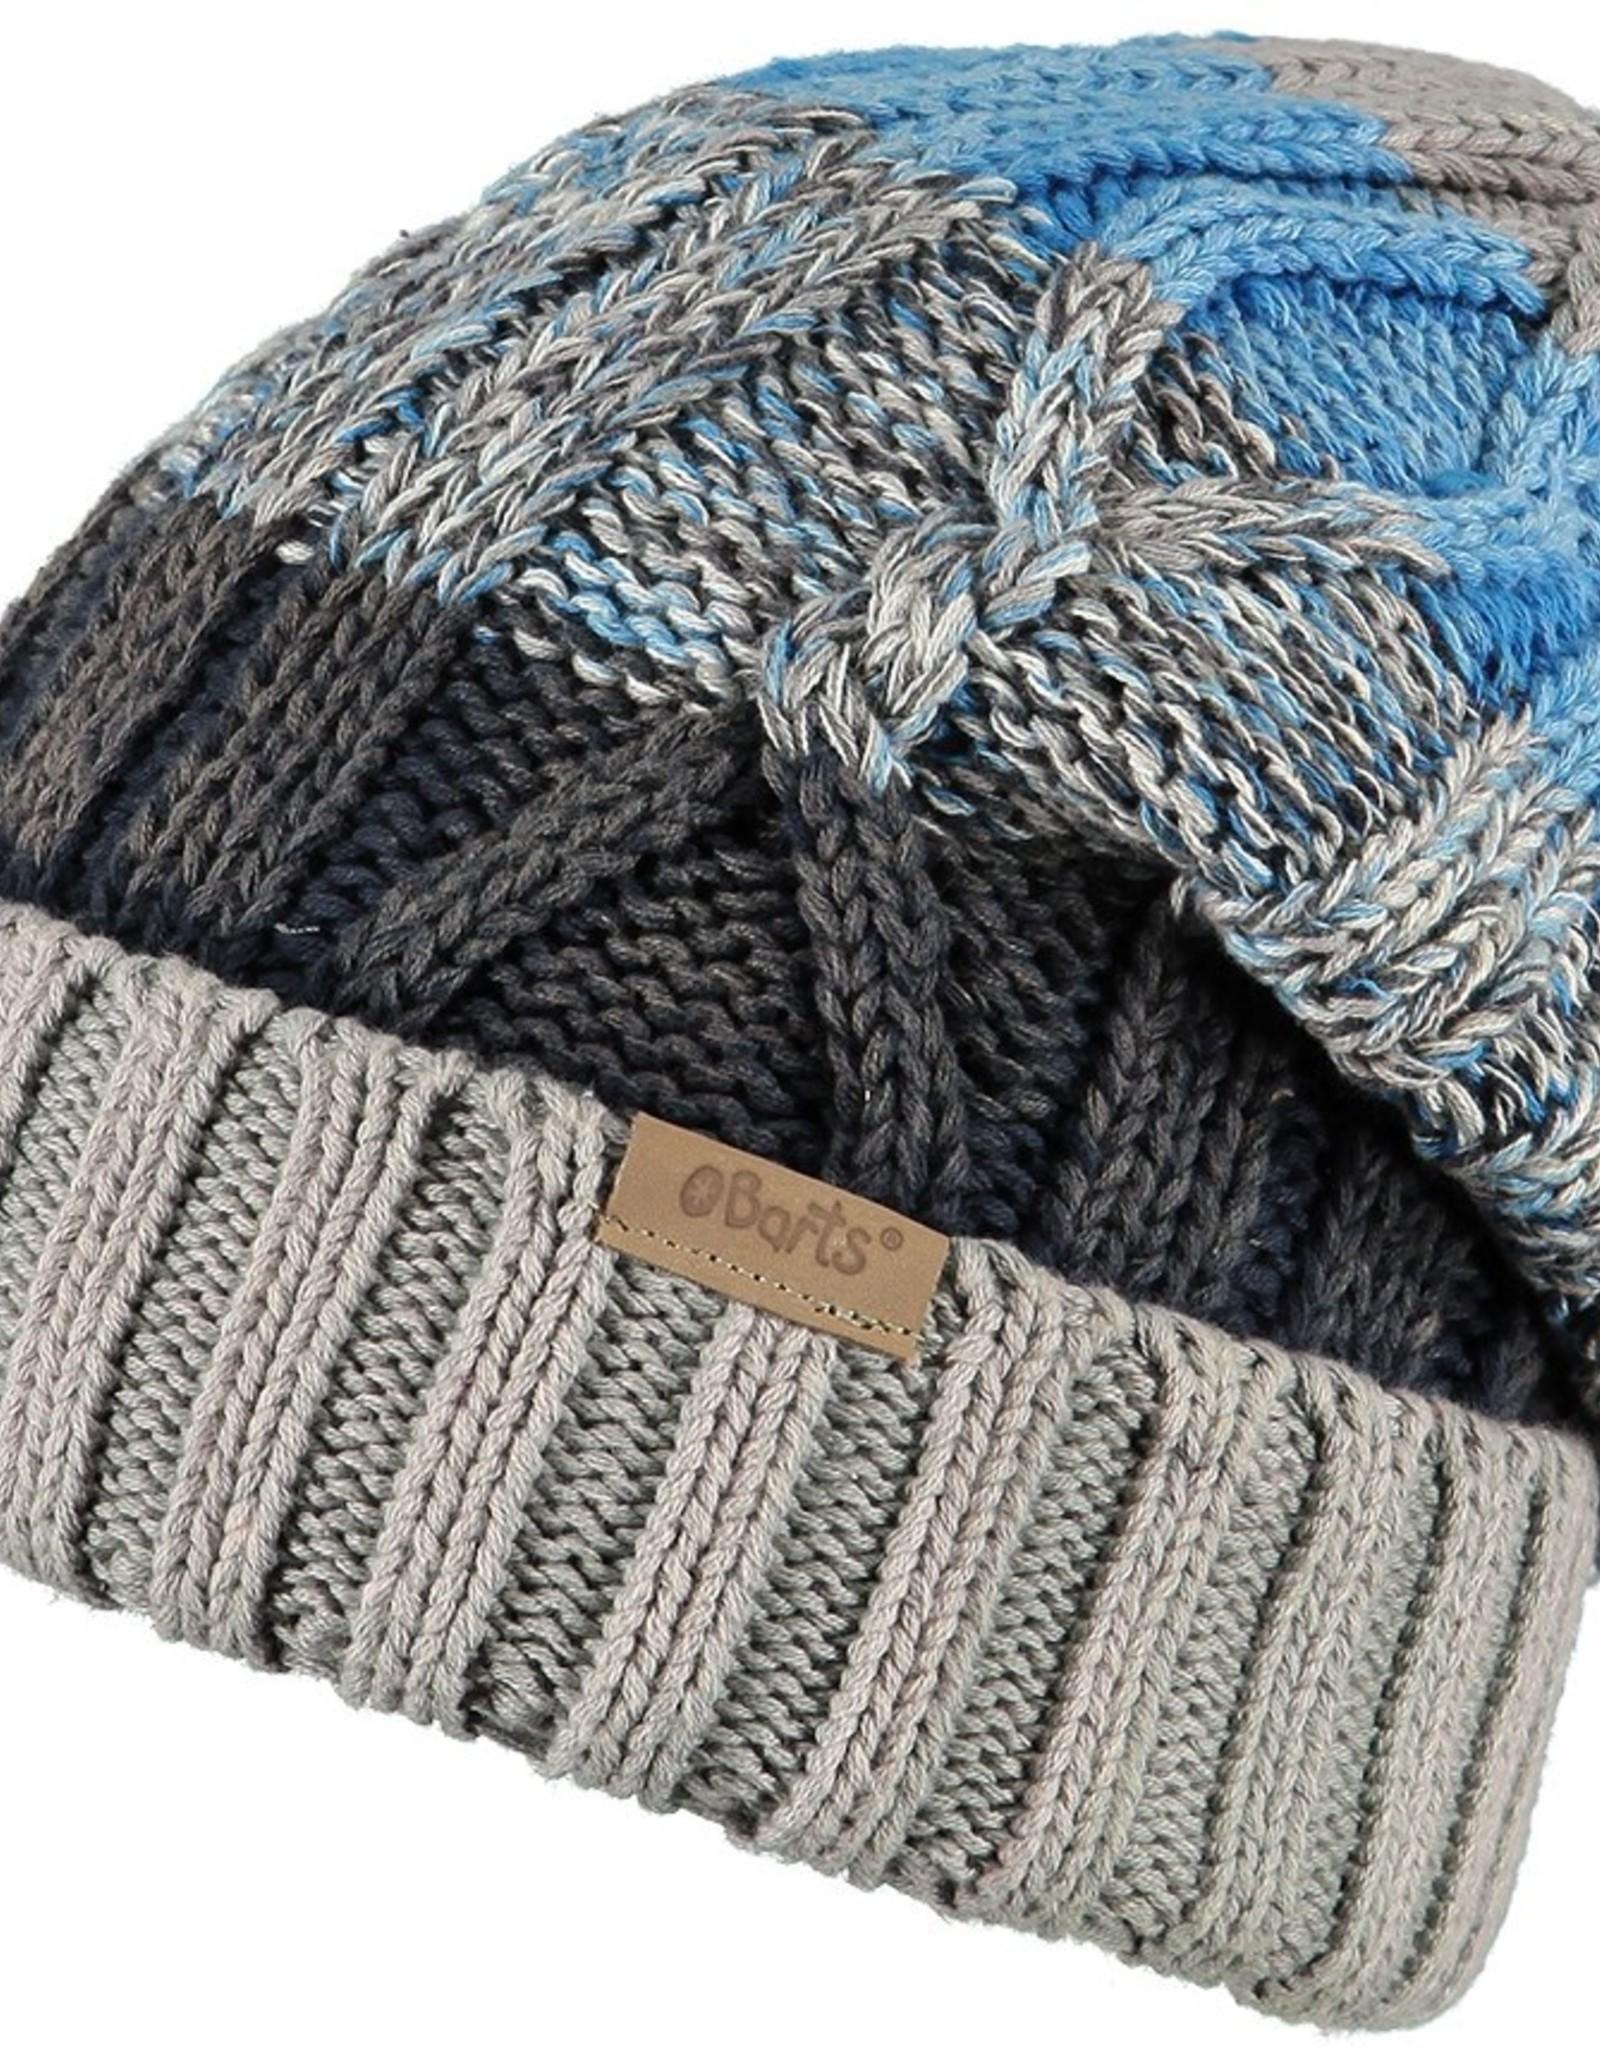 Barts Barts muts met banen kabel gebreid van grijs en blauw